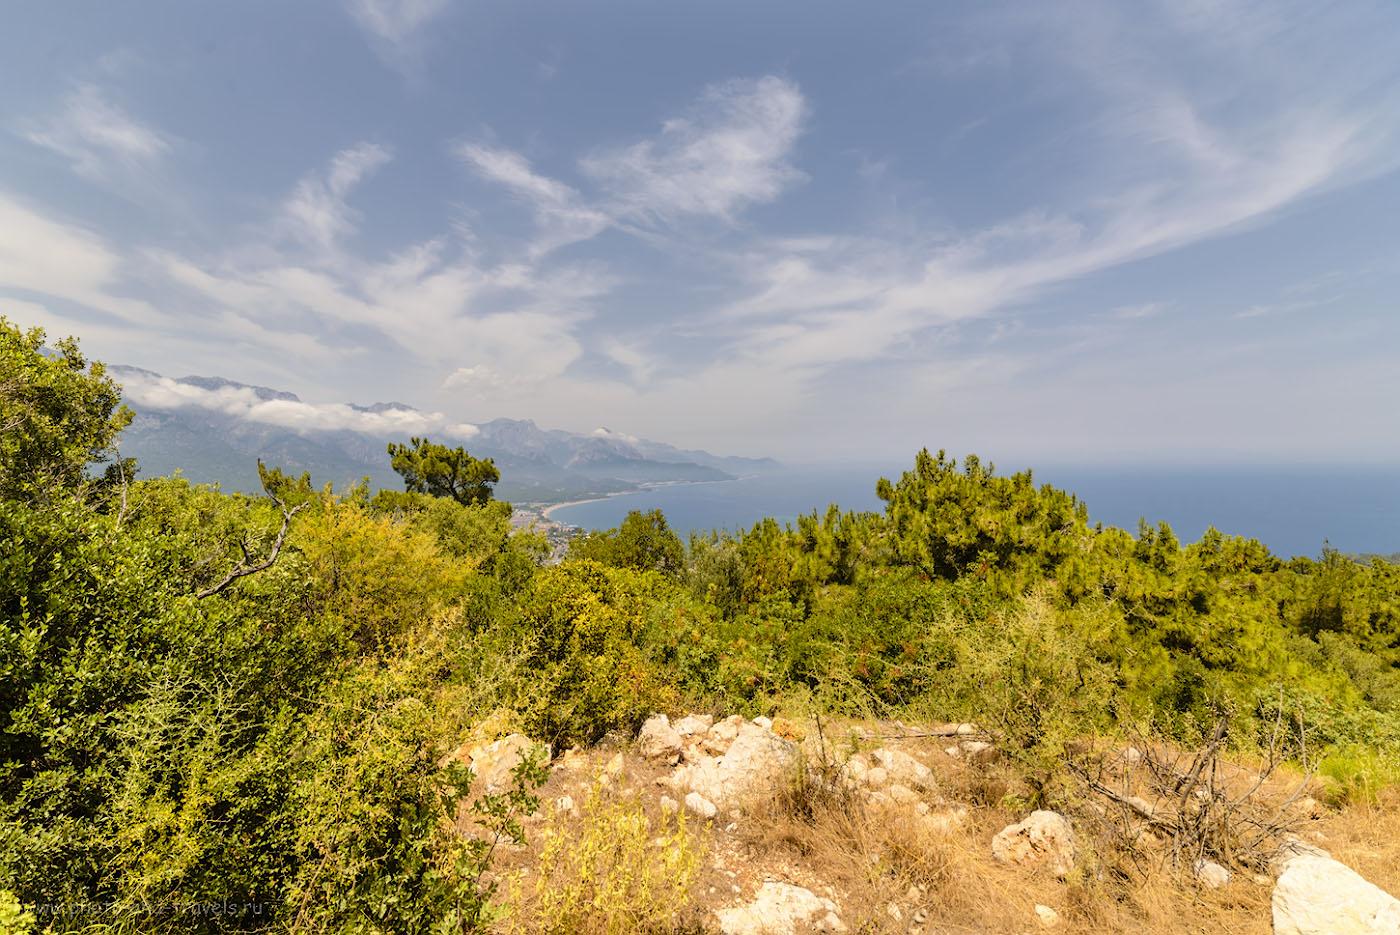 Фотография 10. Вид на курорт Кемер с вершины «горы с флагом». Отчет о приключениях в Турции. 1/400, -1.0, 8.0, 100, 14.